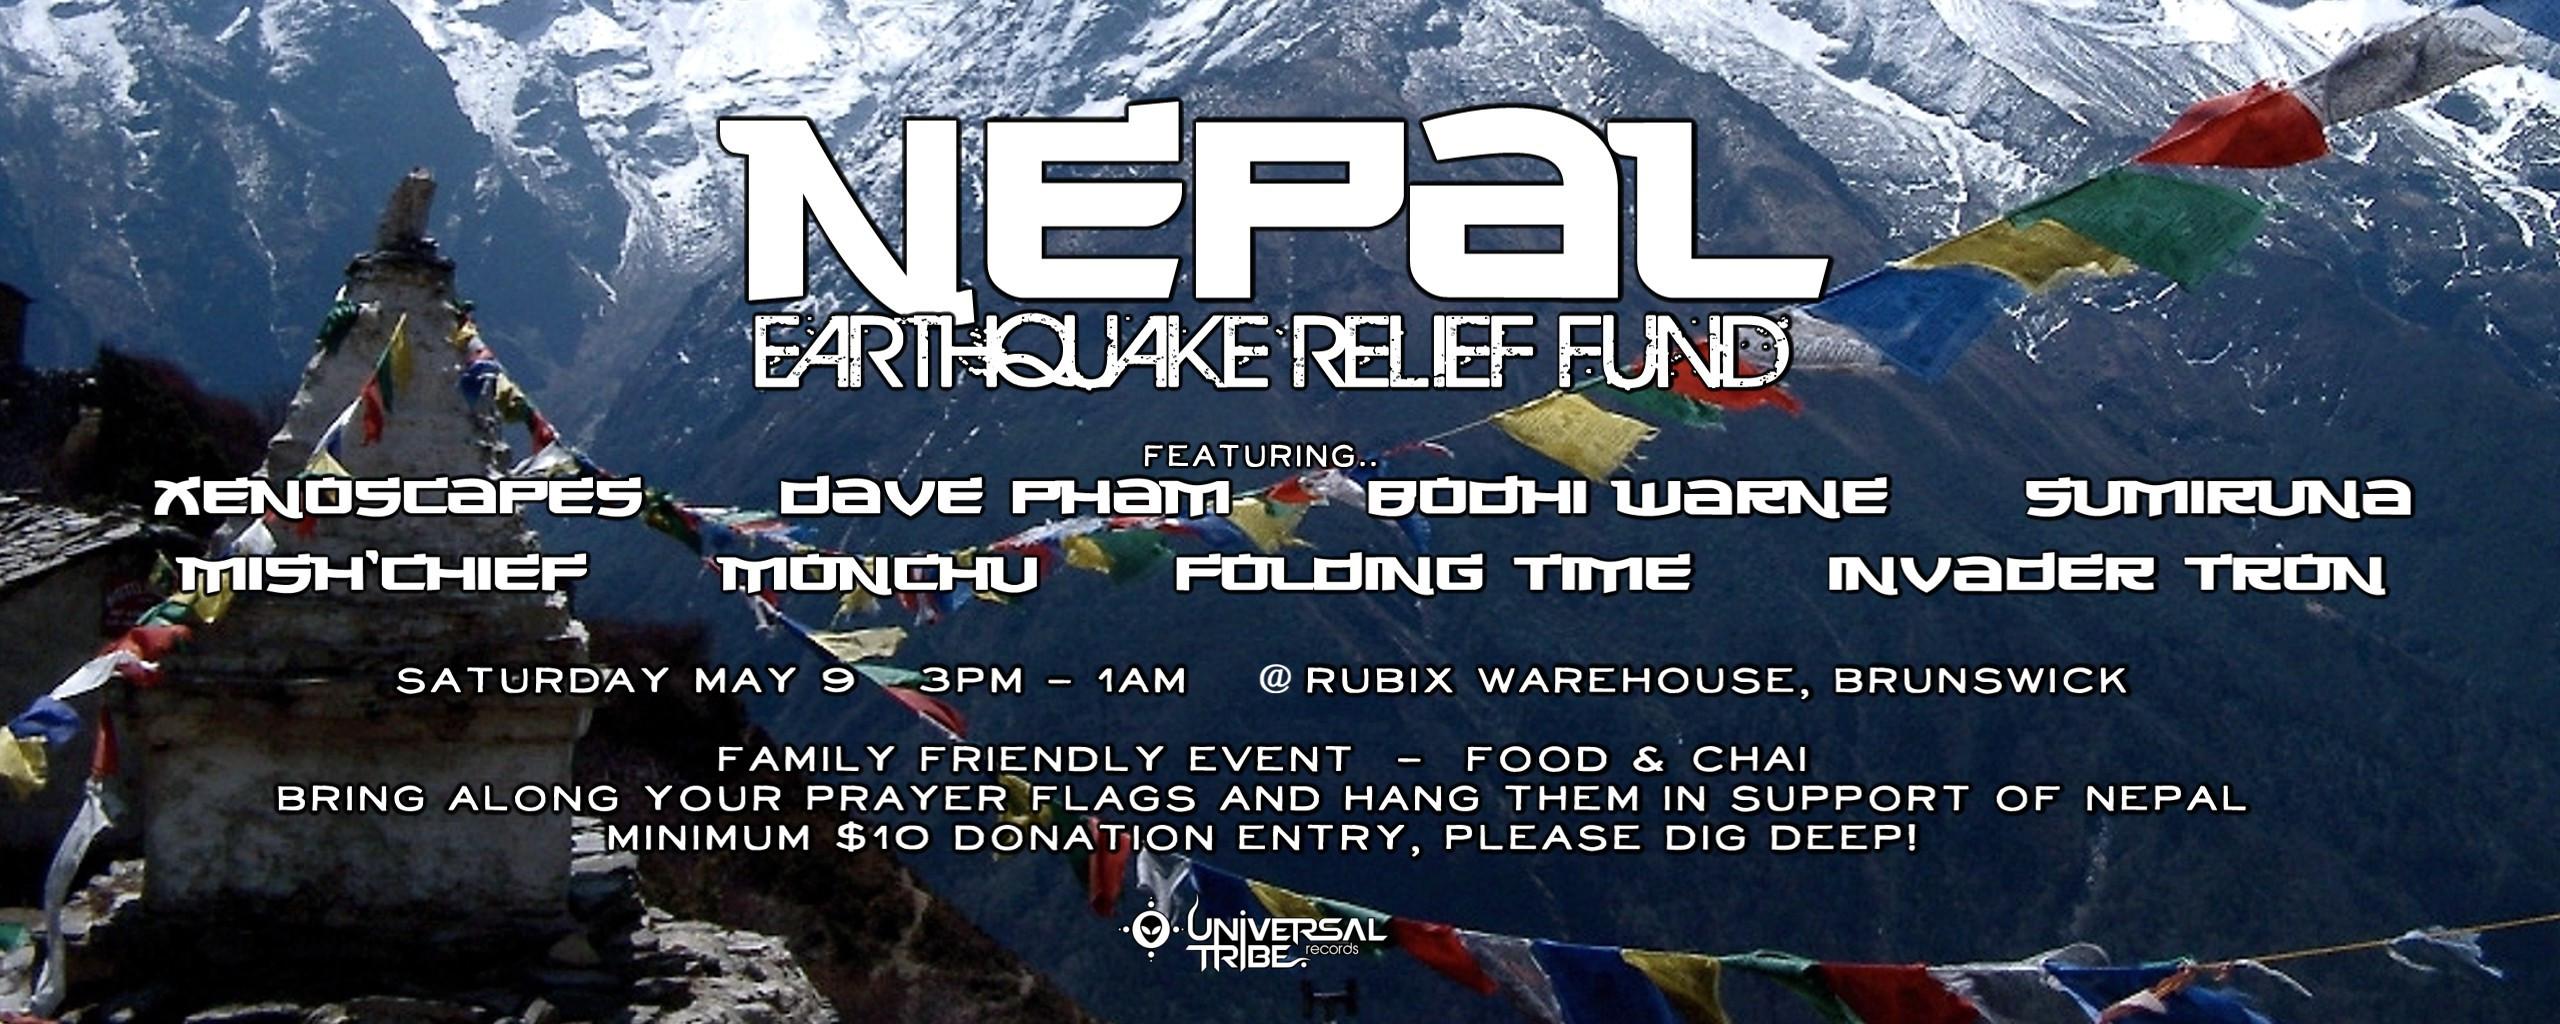 nepalrelief-jpeg-final.jpg